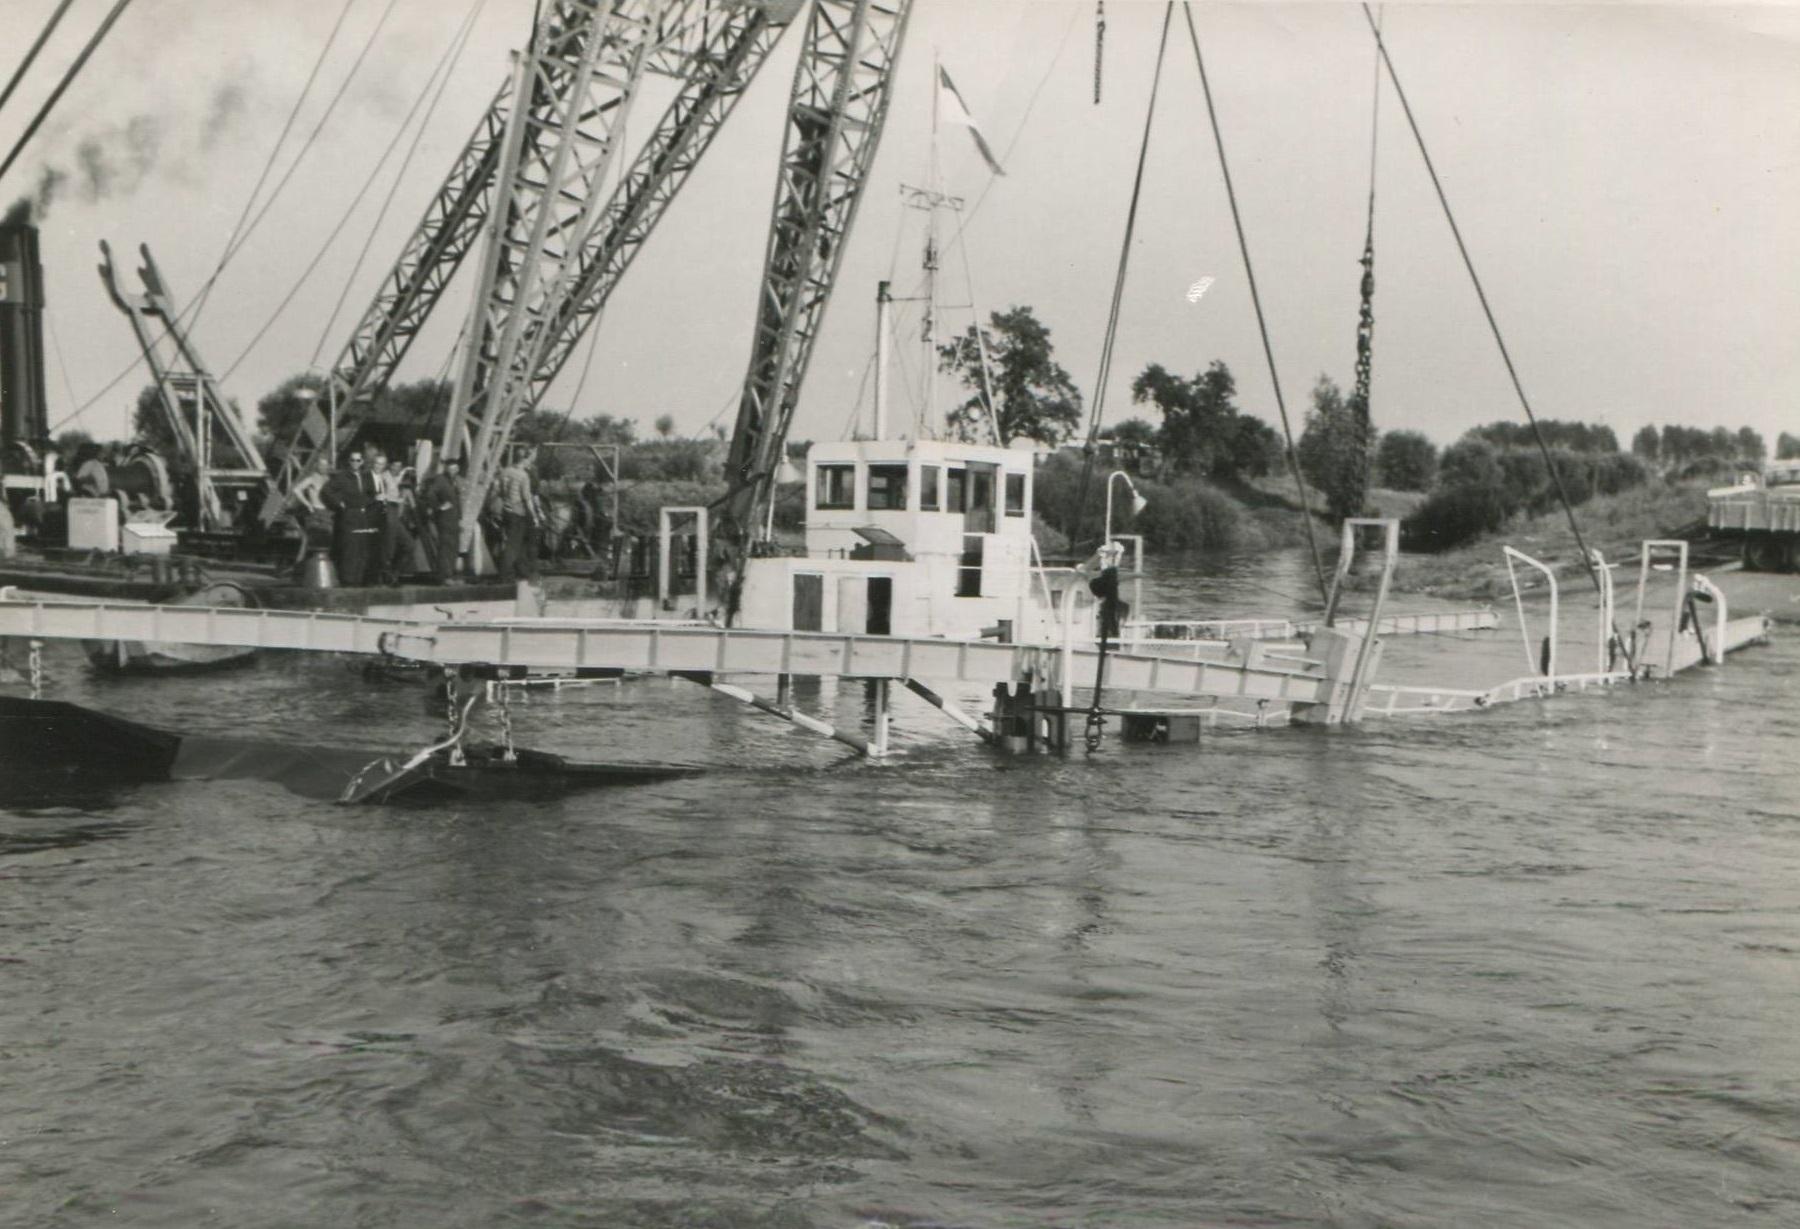 1957-foto-gemaakt-door-Jac-Rauws-ingezonden-door-Willem-Ruisch-Veerpont-Lexkesveer-Eageningen-Randwijk-7